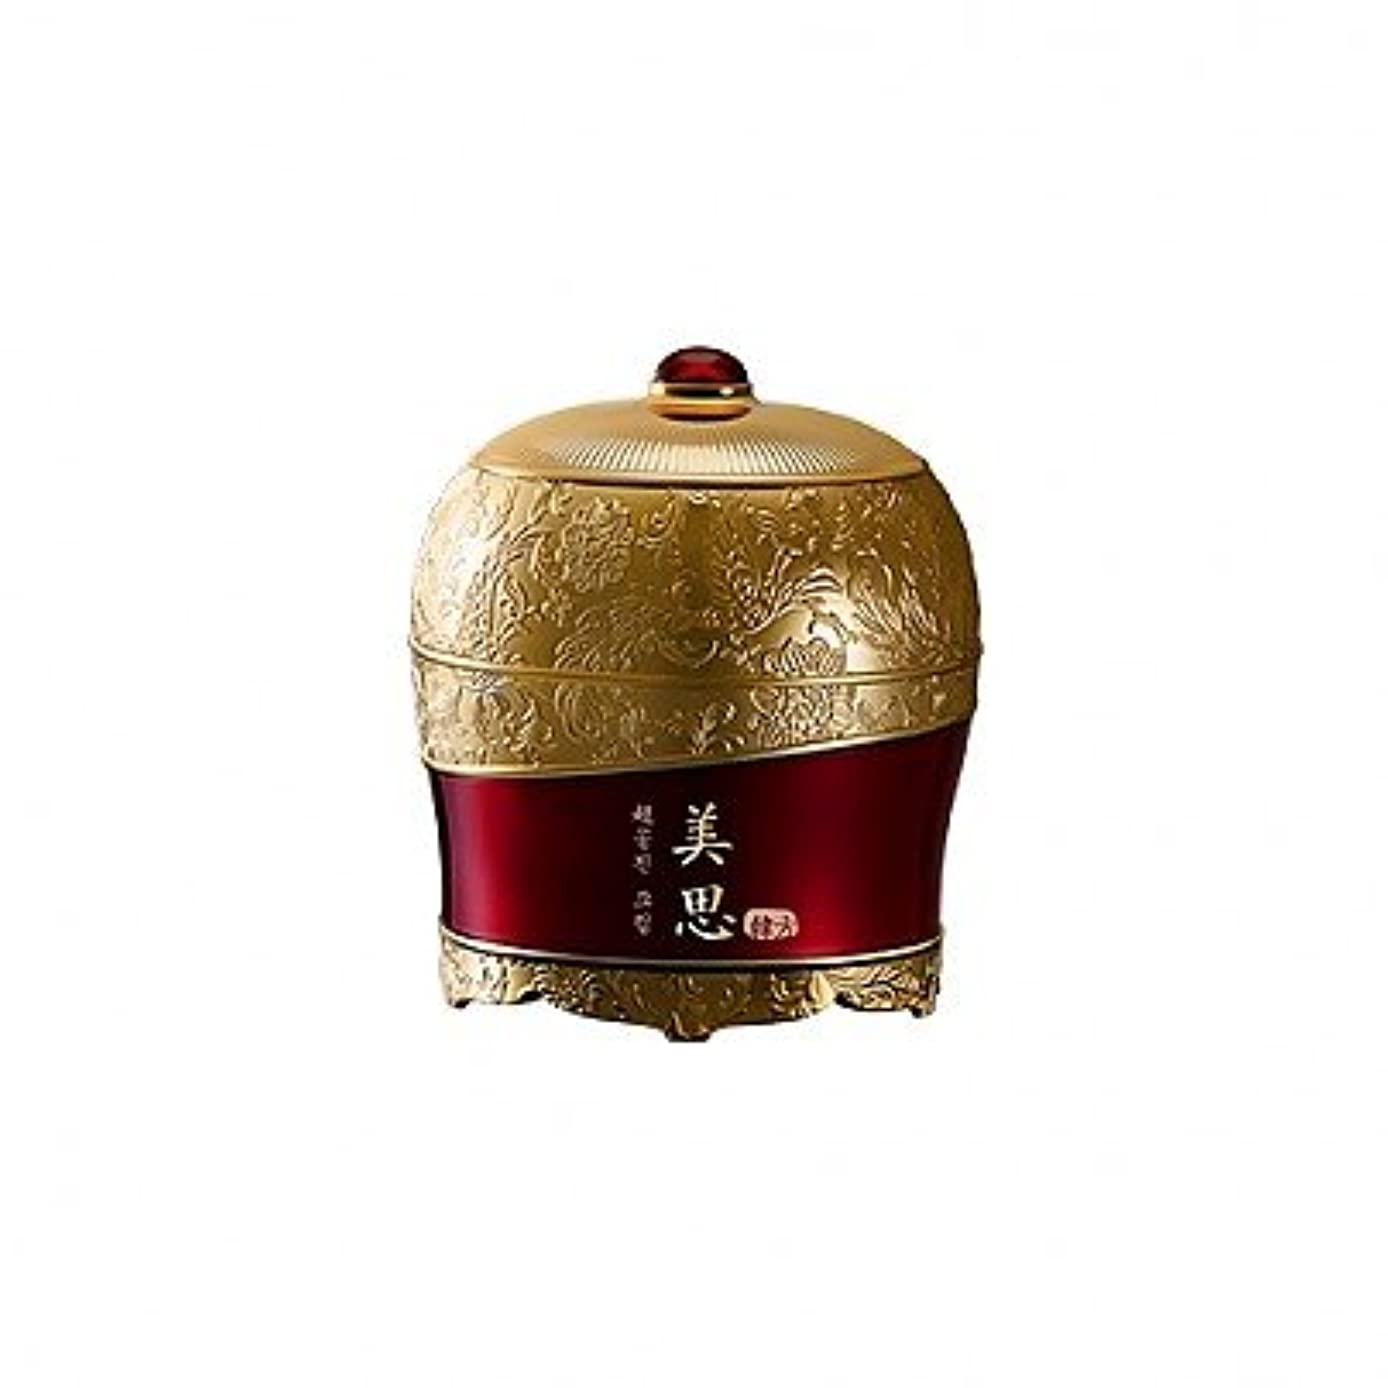 休日に透ける前置詞MISSHA/ミシャ チョゴンジン クリーム (旧チョボヤン) 60ml[海外直送品]